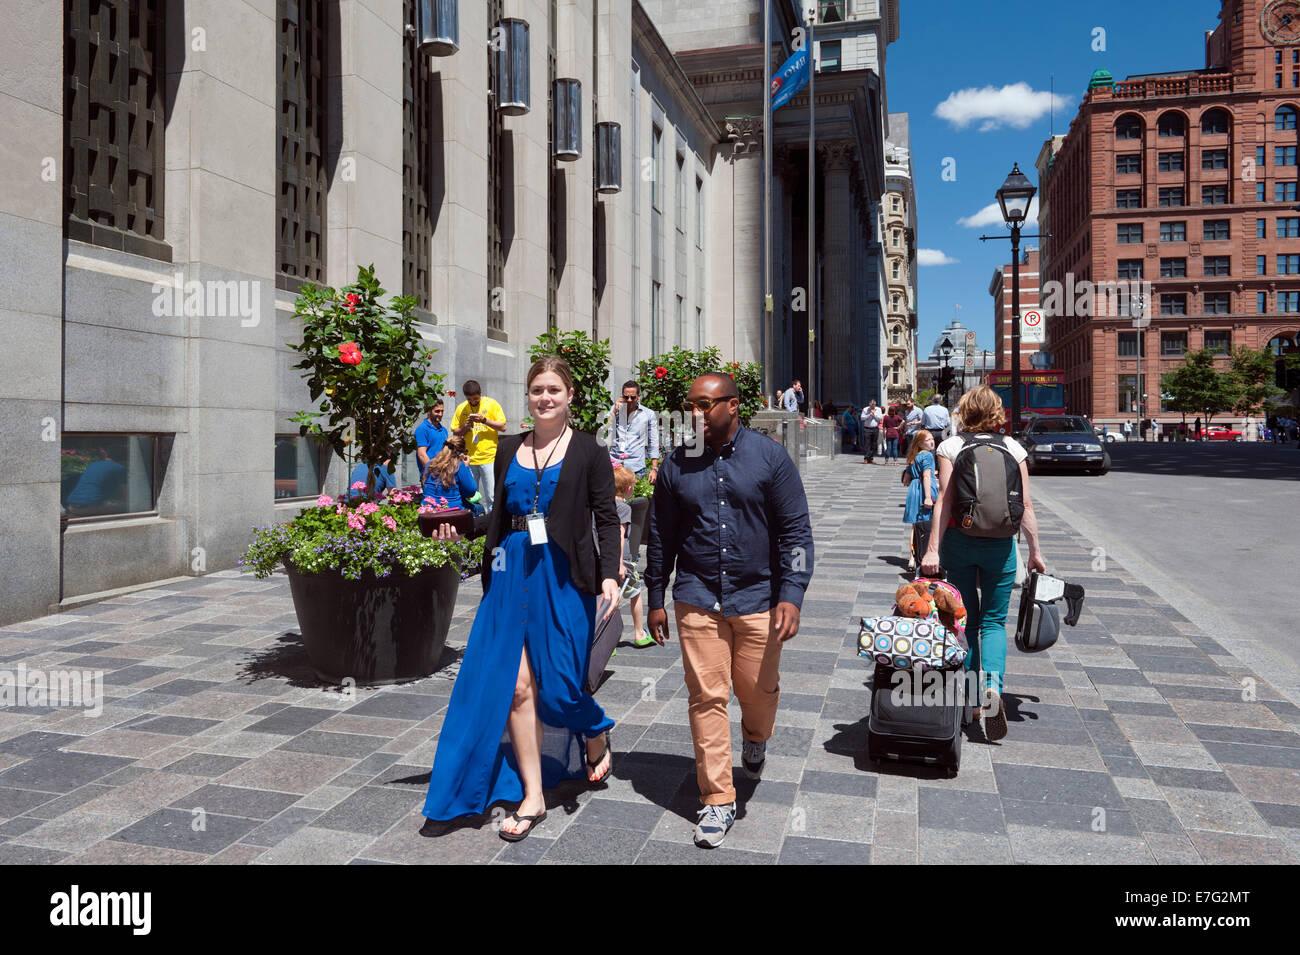 Los peatones en la calle St Jacques, el casco antiguo de Montreal, provincia de Quebec, Canadá. Imagen De Stock